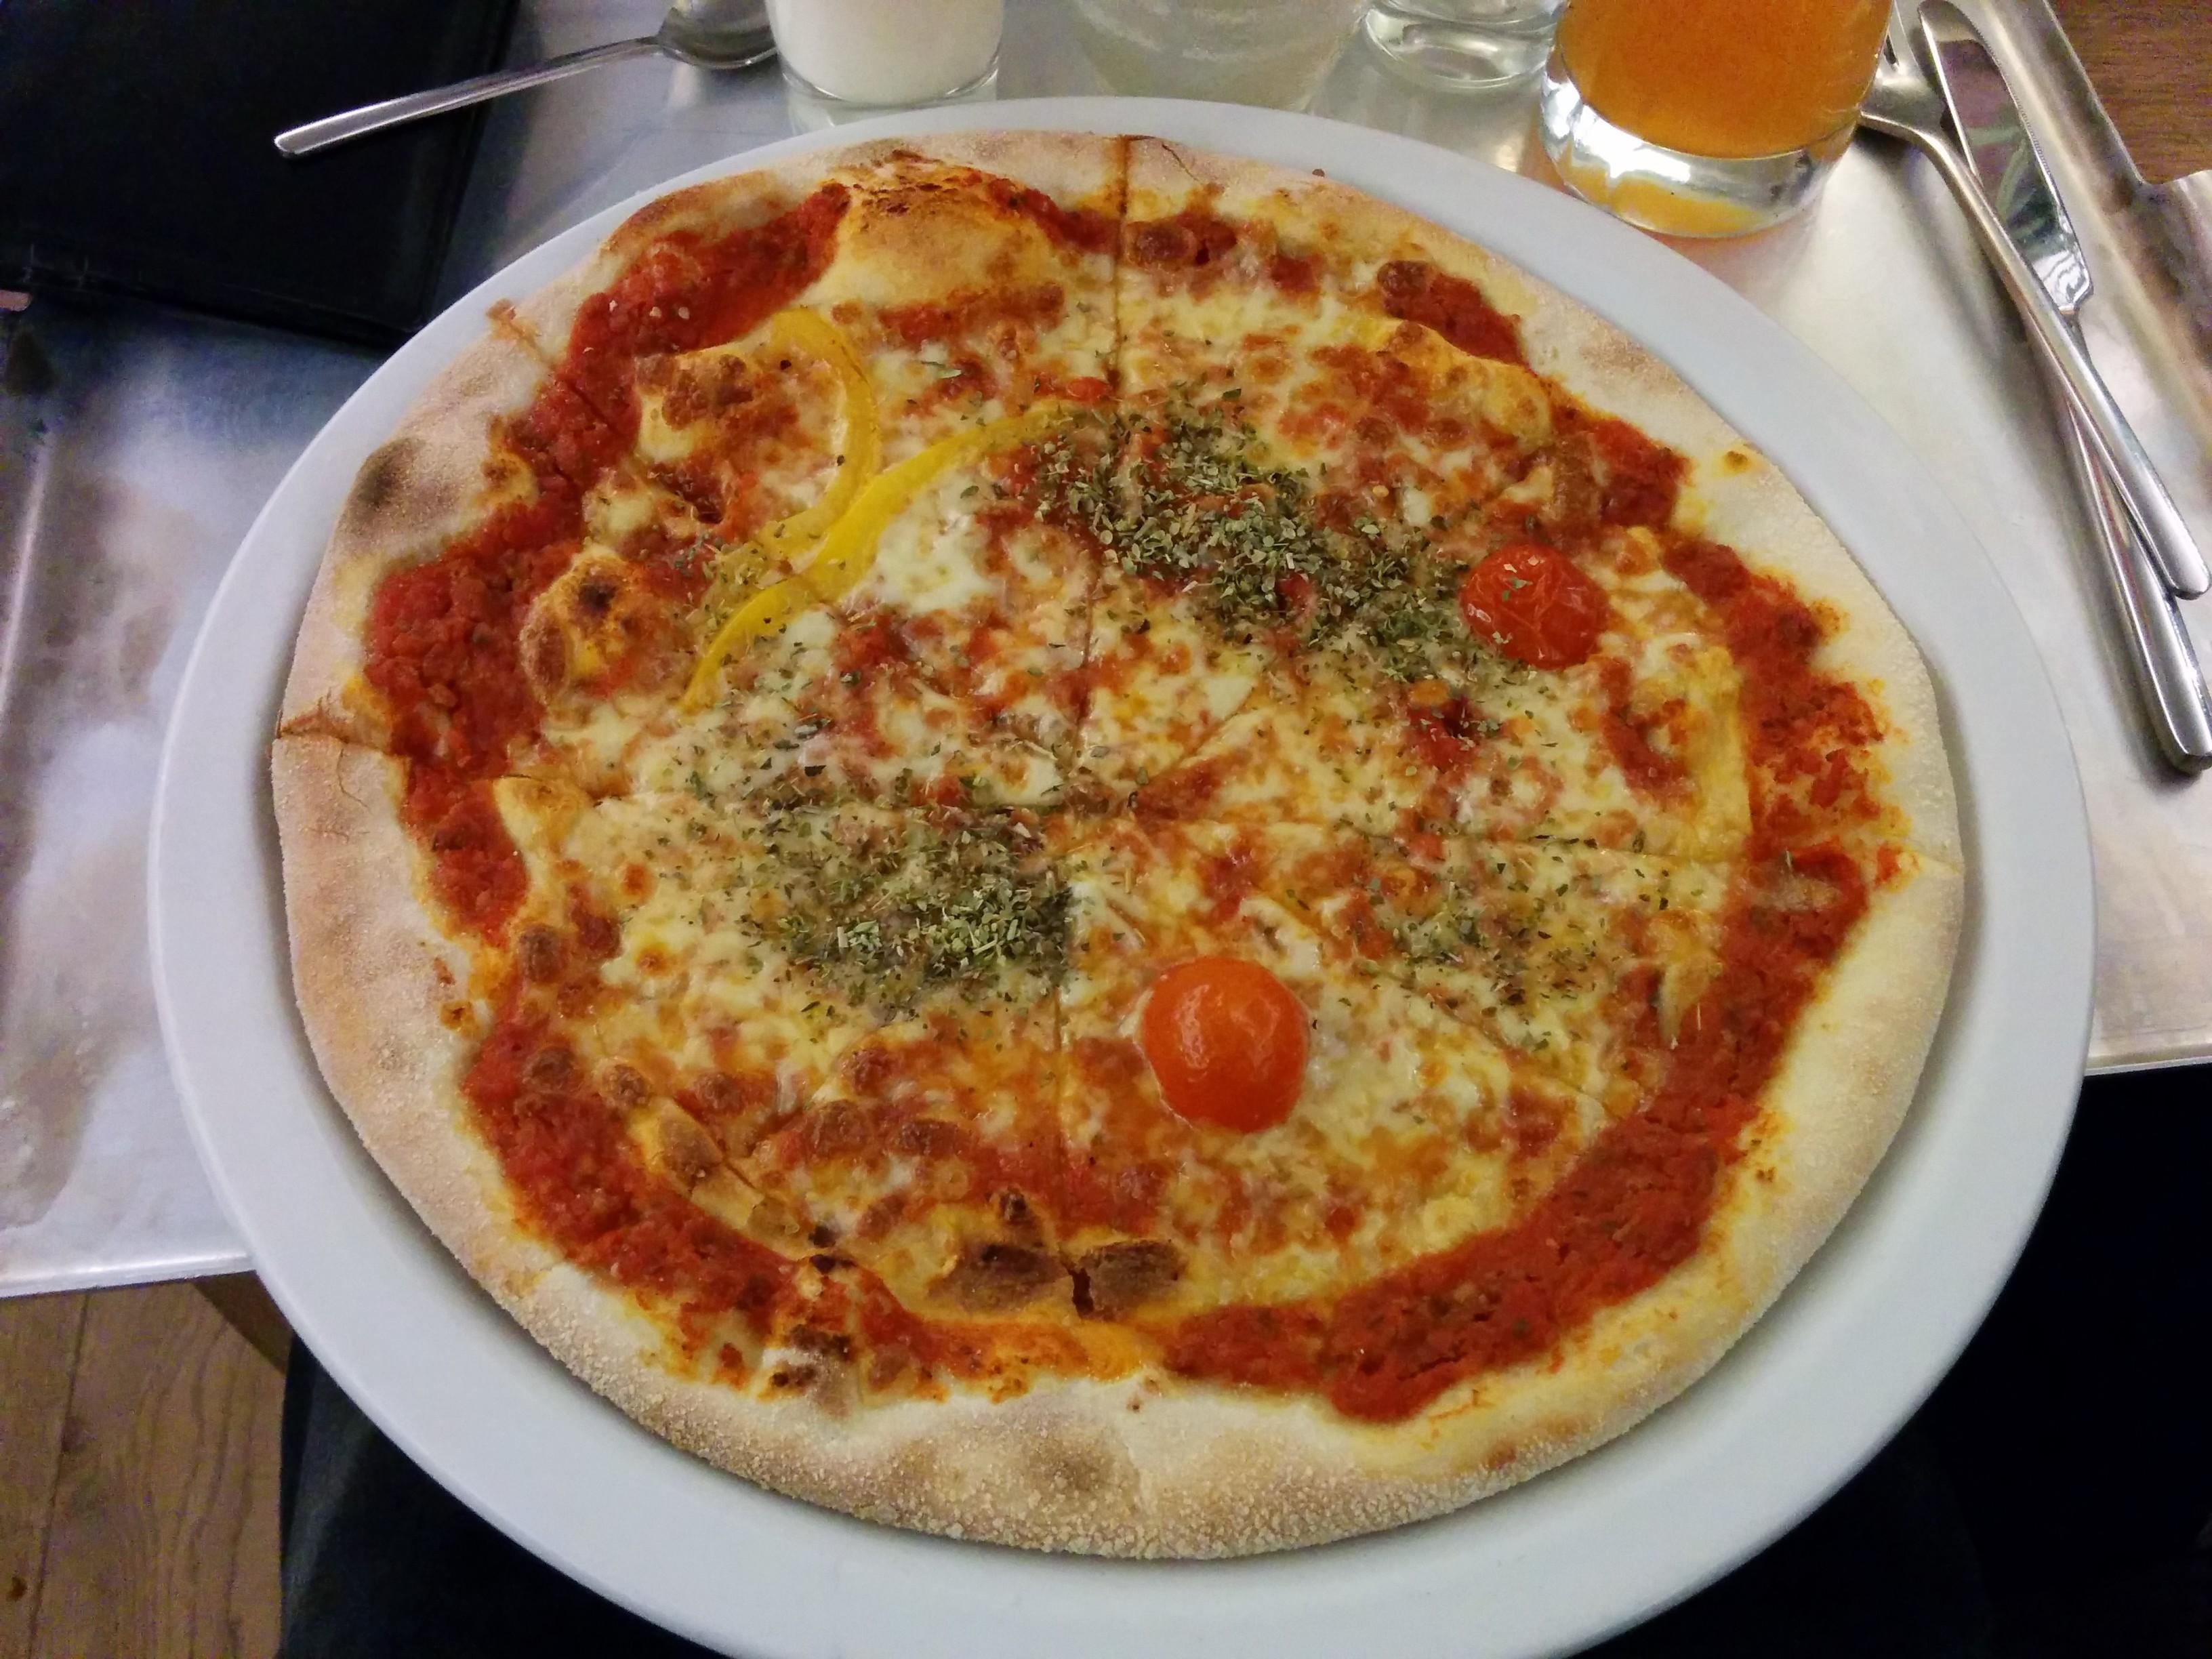 https://foodloader.net/nico_2013-12-29_vapiano_pizza-bolognese.jpg